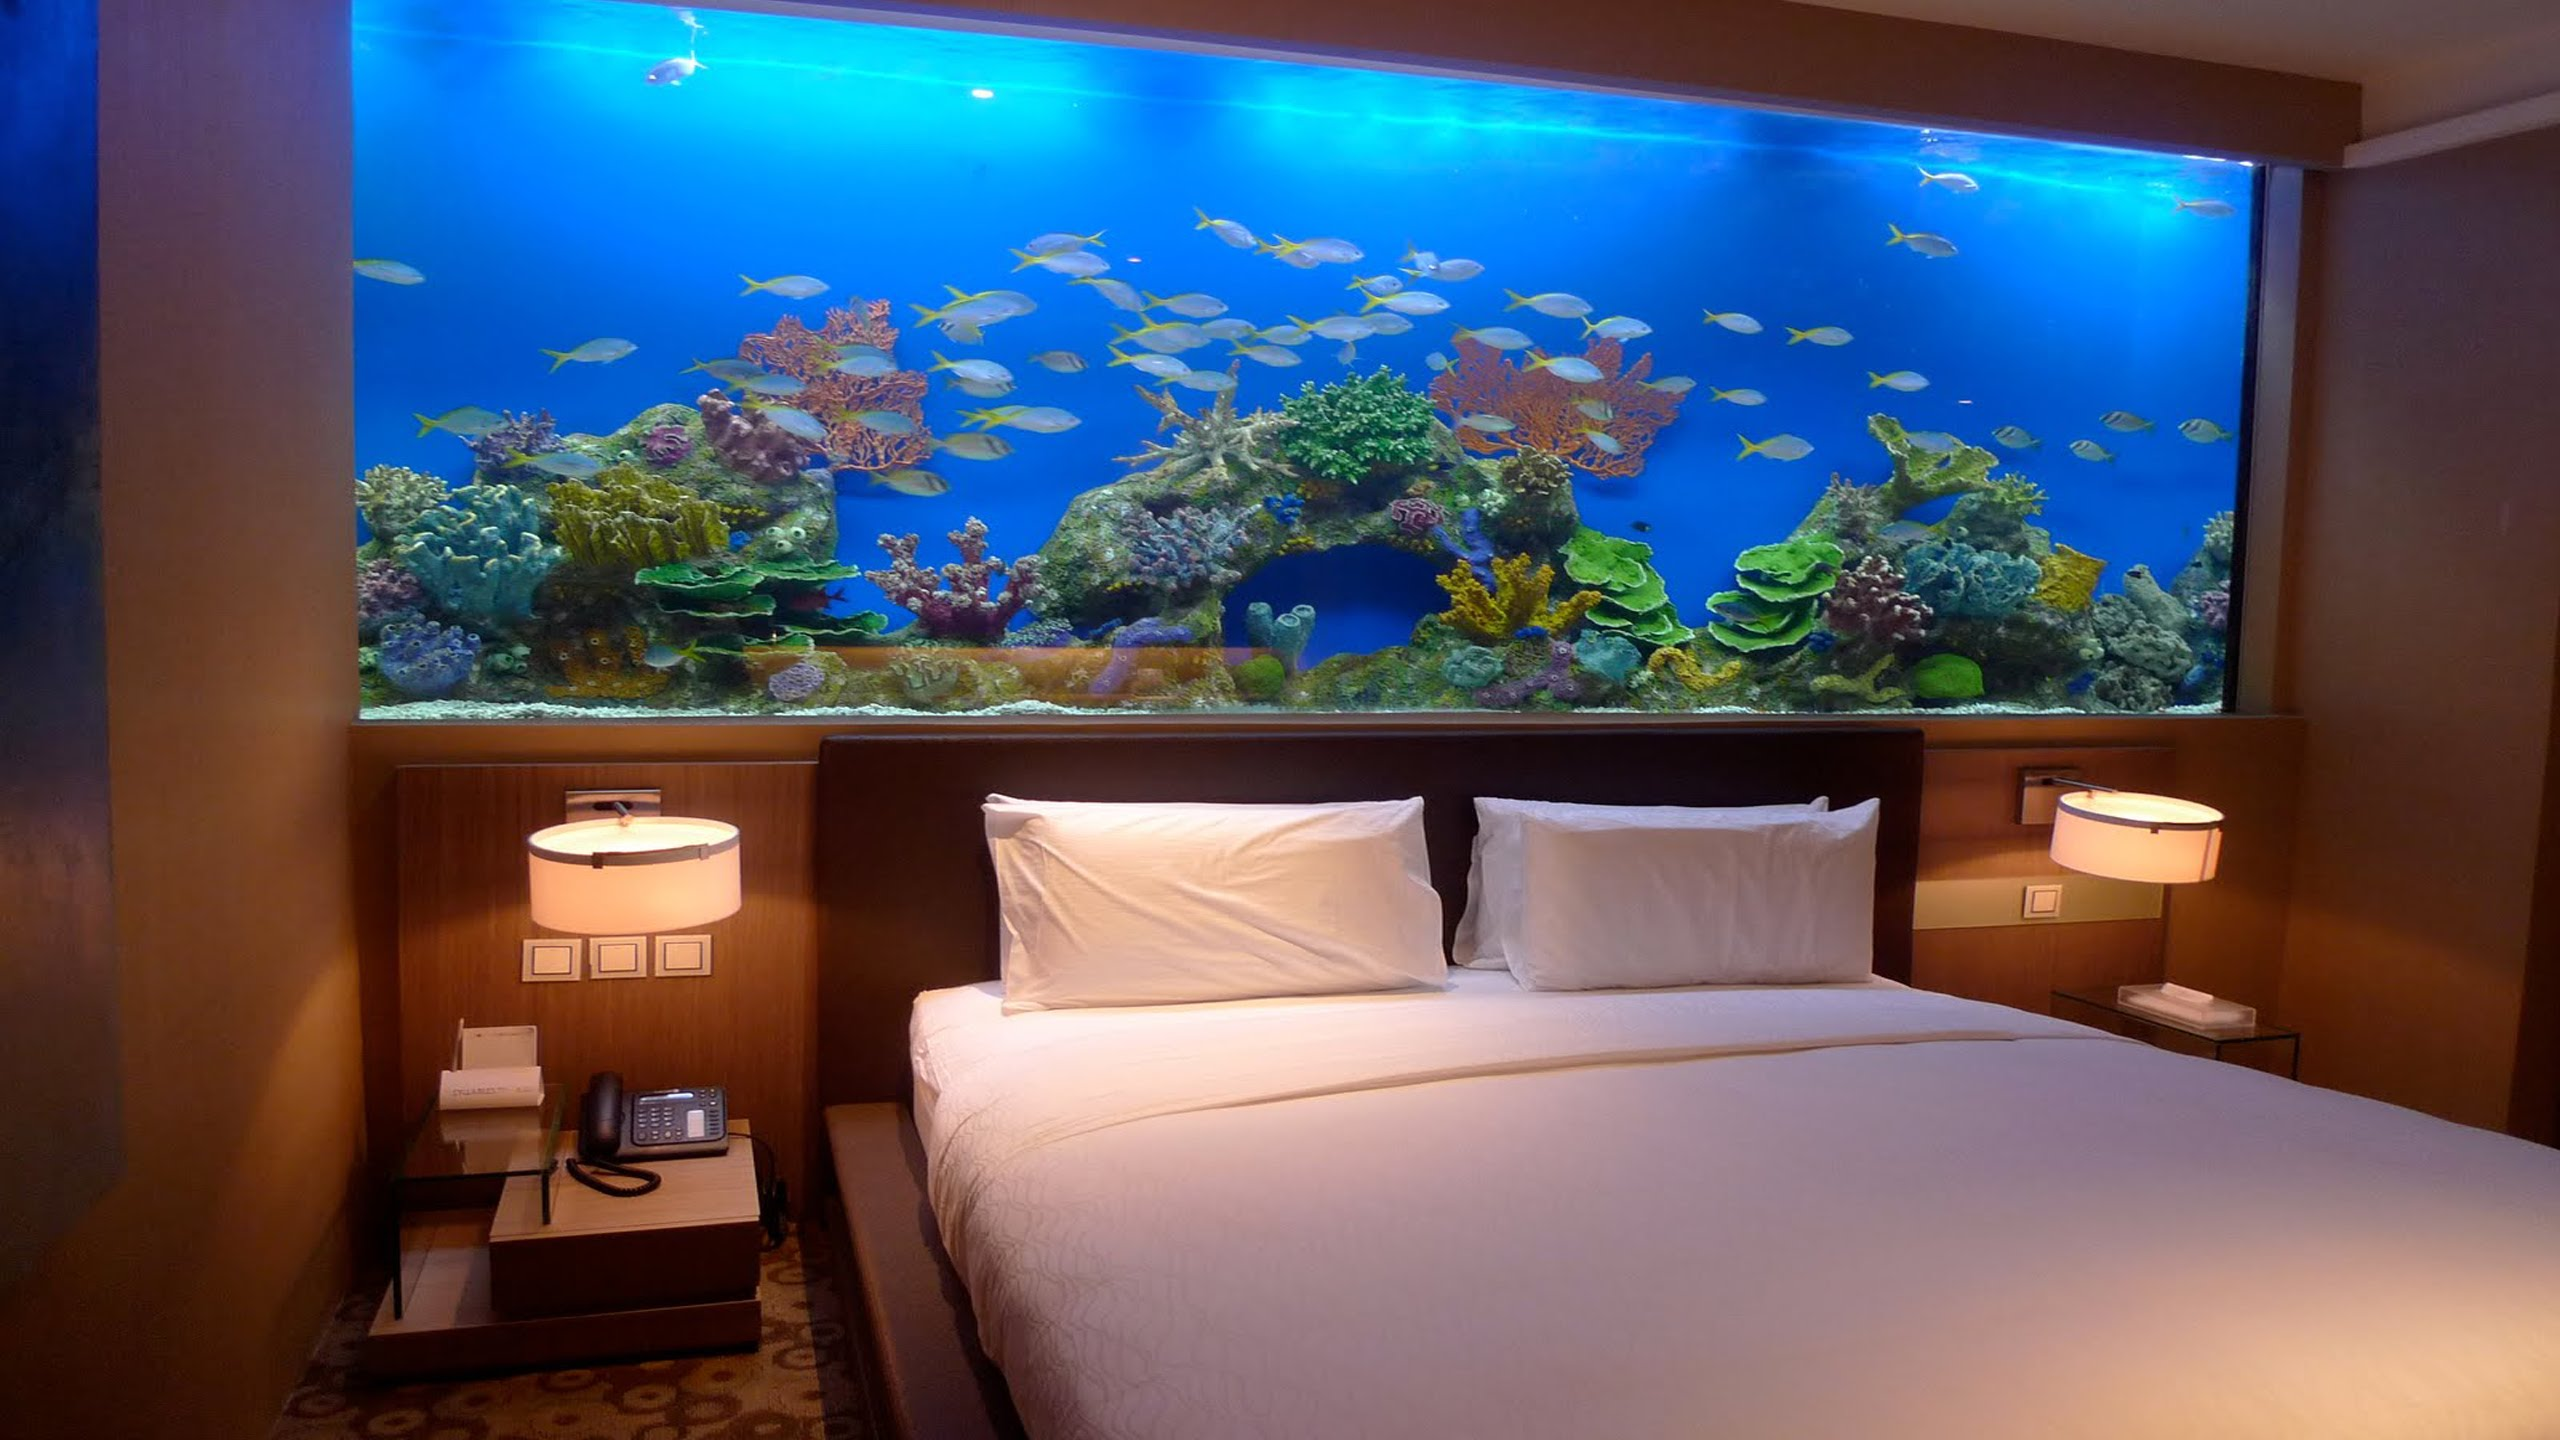 Декор для аквариума в спальне